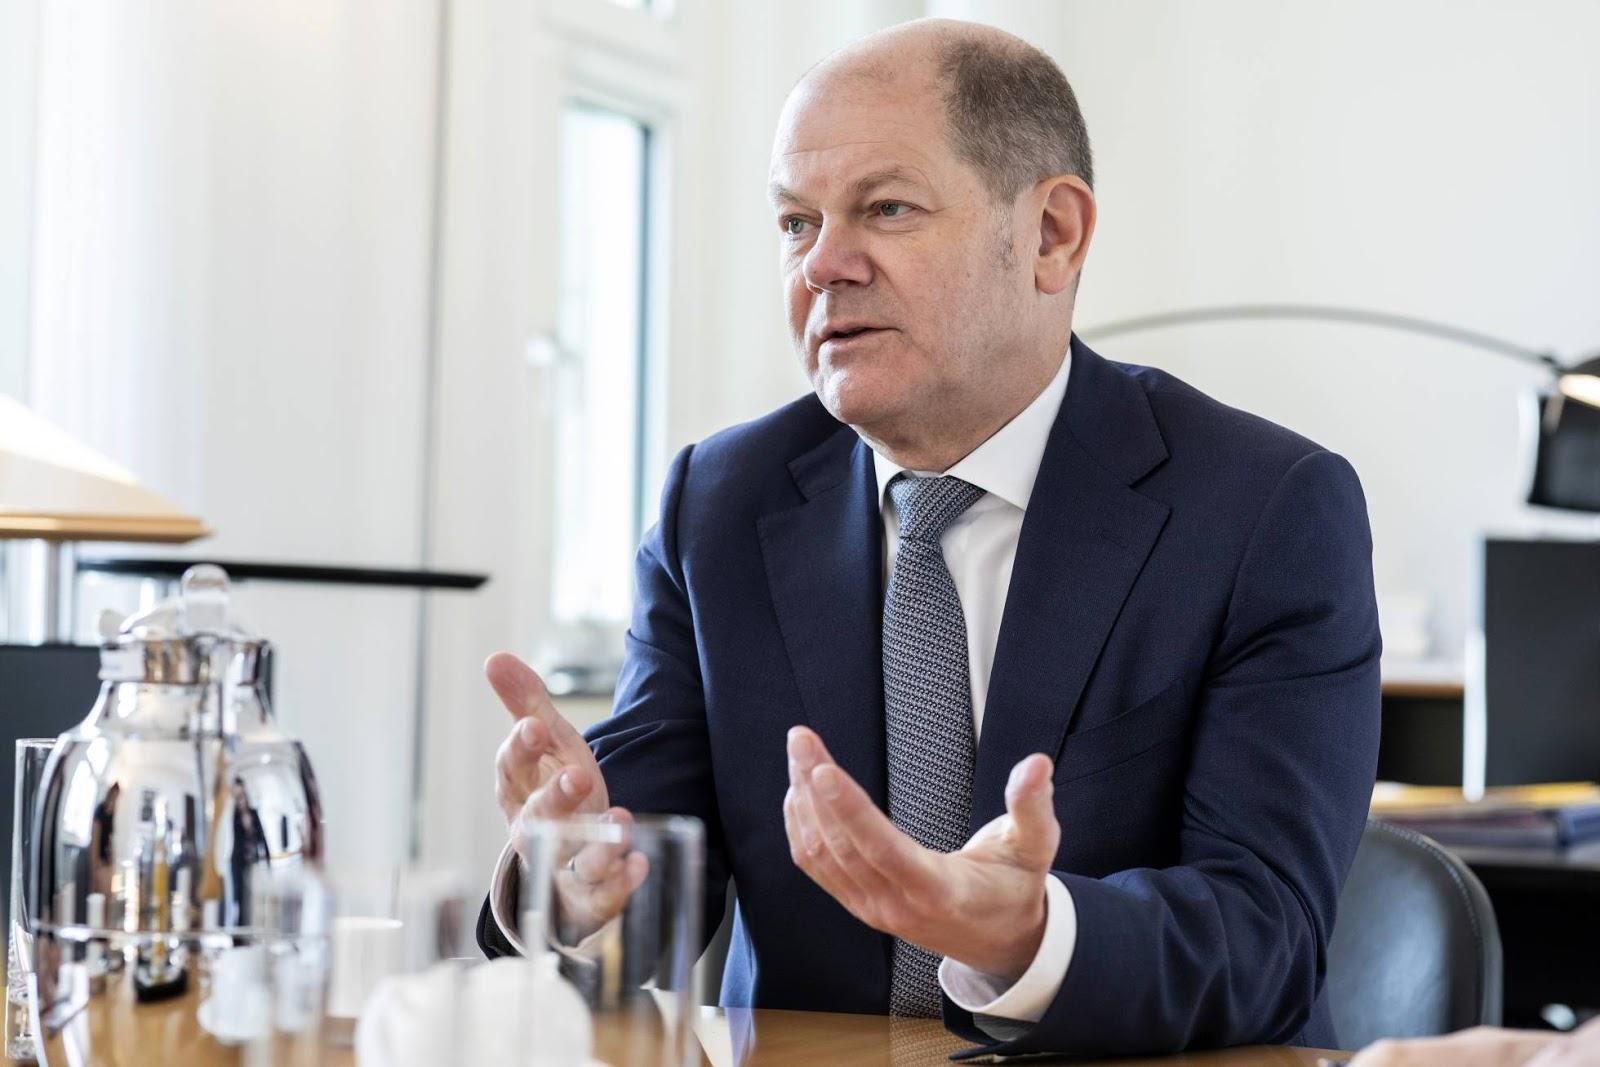 El ministro de finanzas de Alemania apoya el lanzamiento de un euro digital